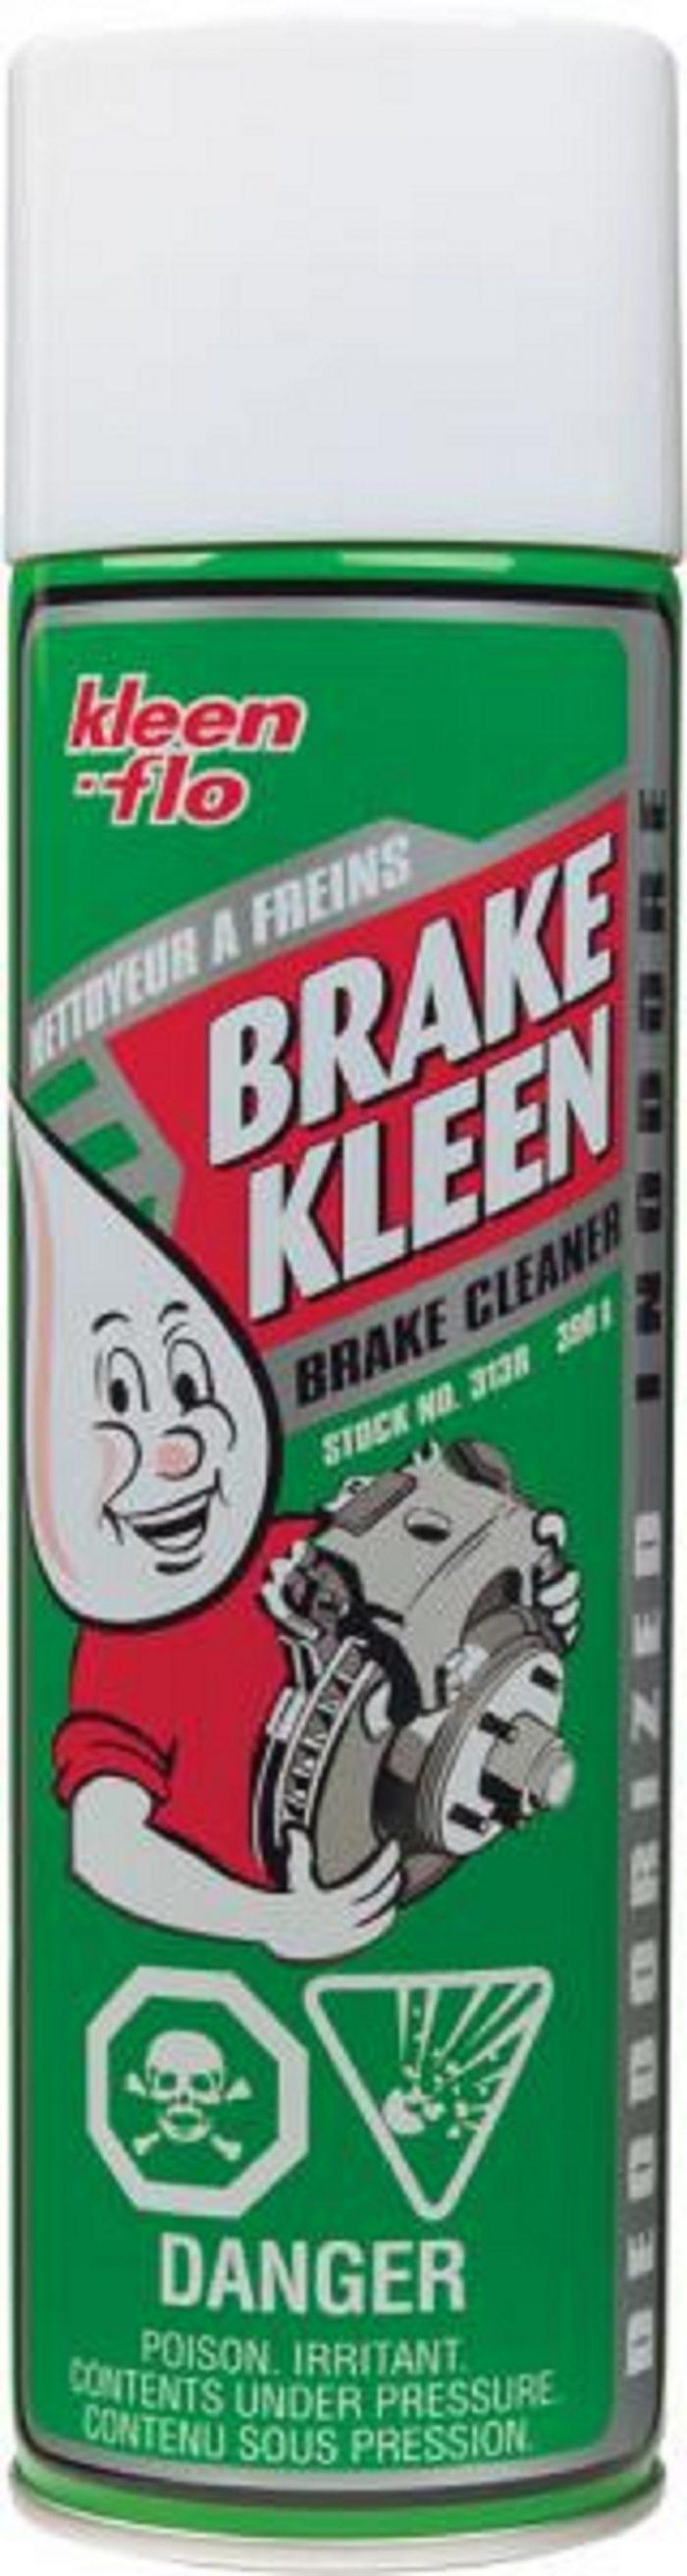 Preparat czyszczący do hamulców KleenFlo nr.kat.313